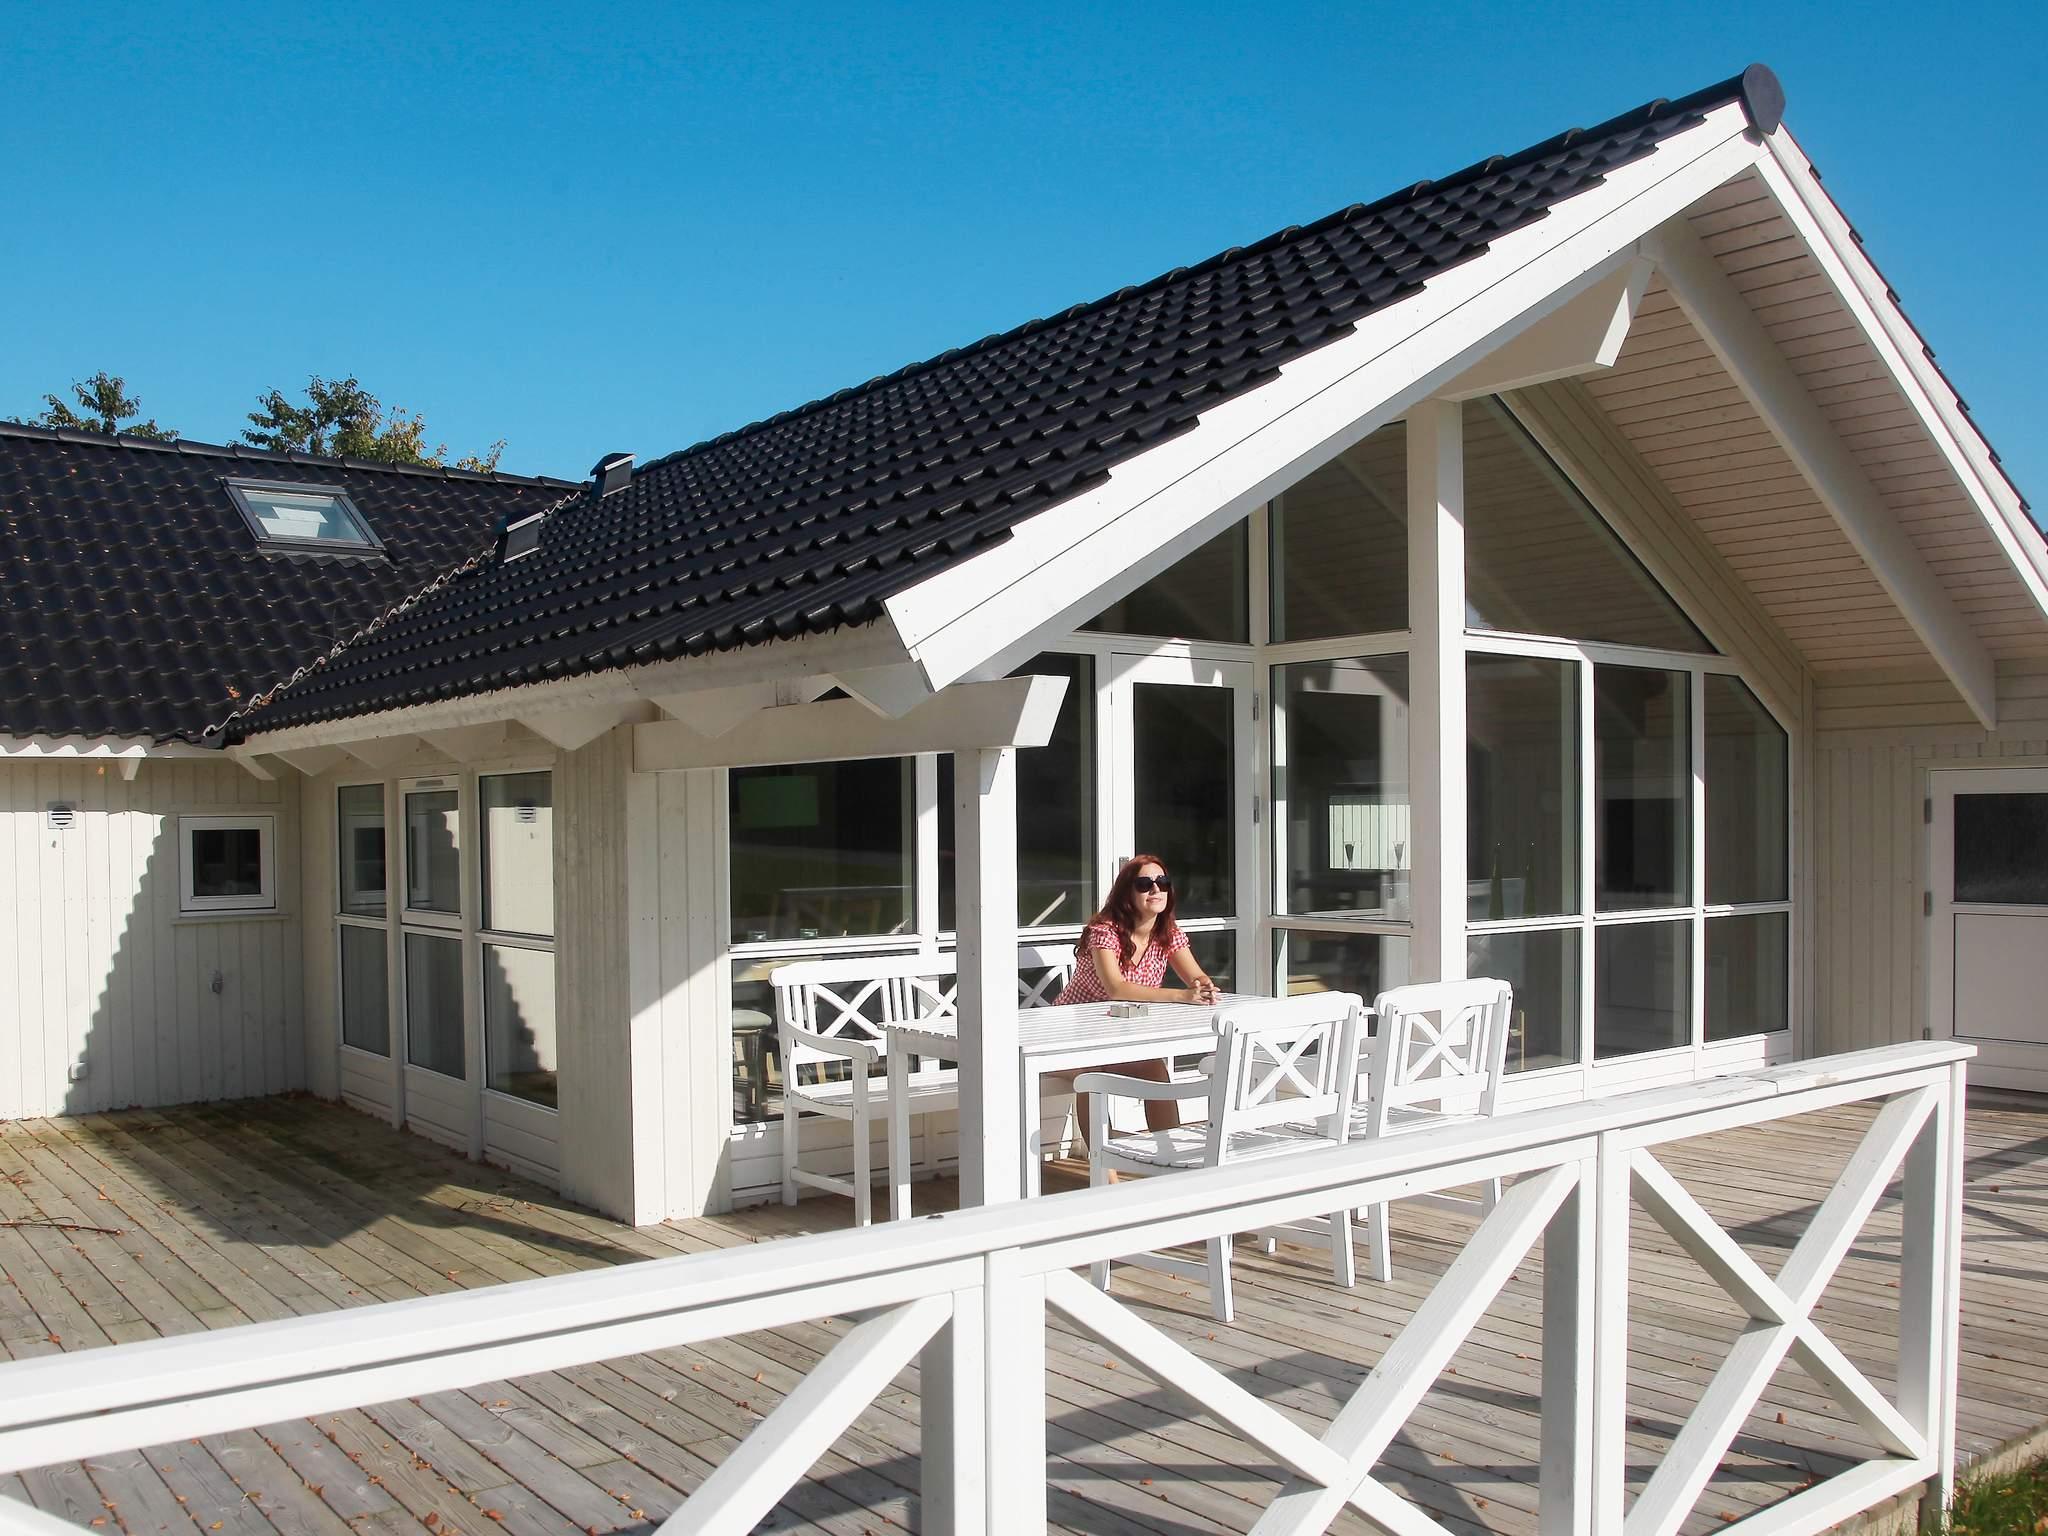 Ferienhaus Vellerup Sommerby (428200), Vellerup, , Nordseeland, Dänemark, Bild 9